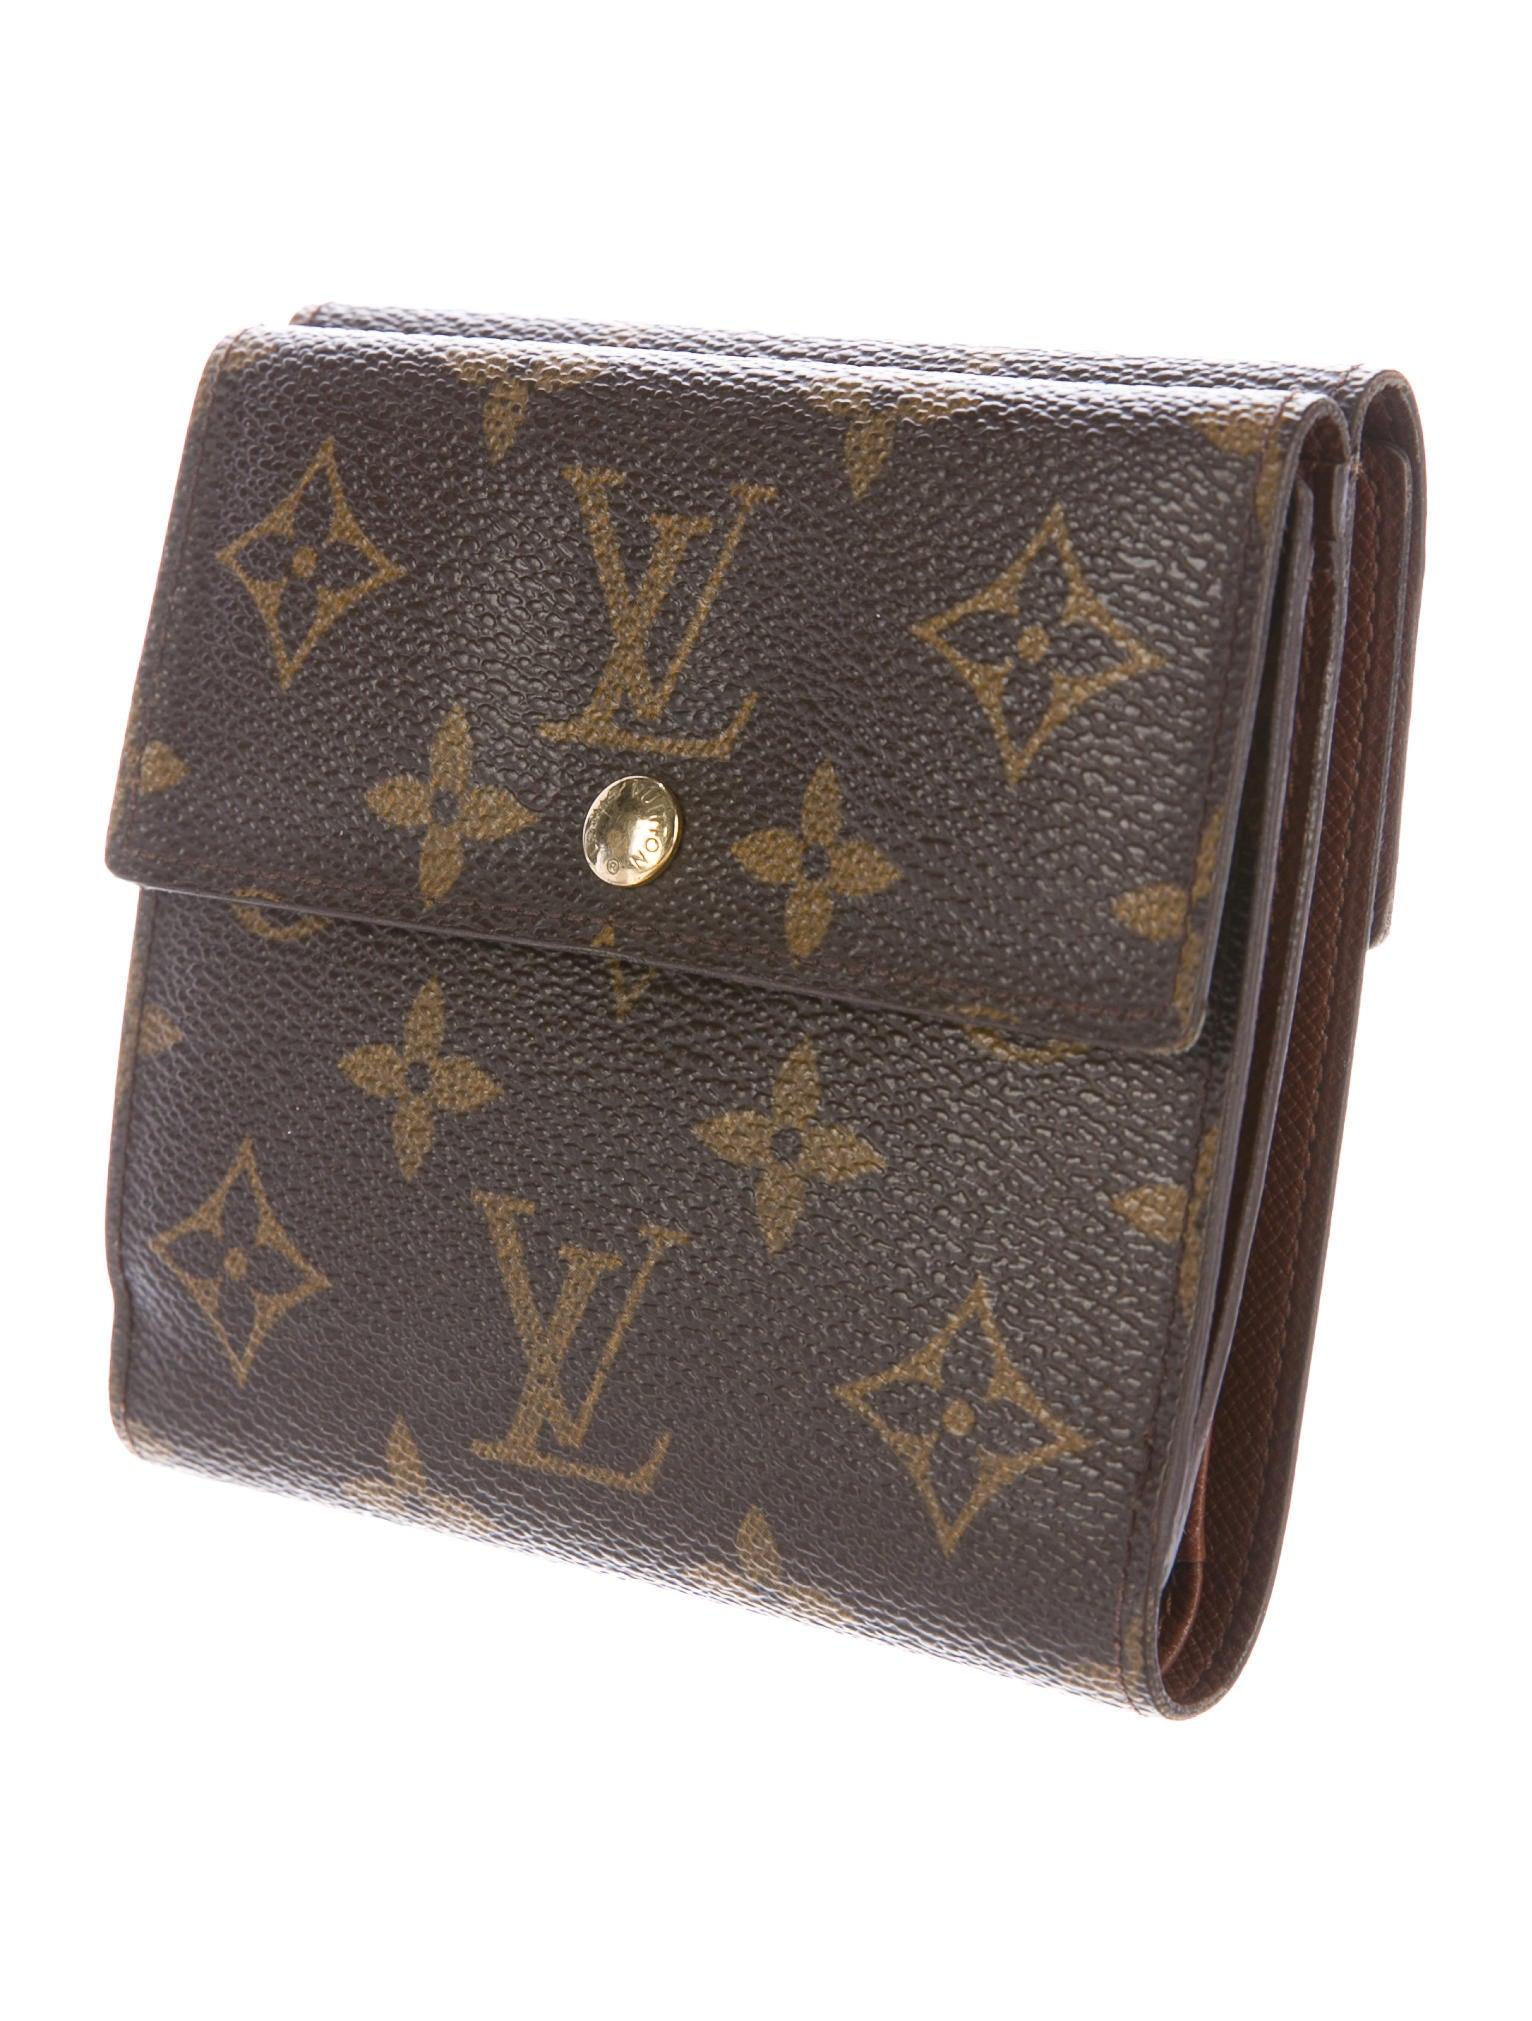 louis vuitton porte monnaie billets carte cr dit accessories lou124225 the realreal